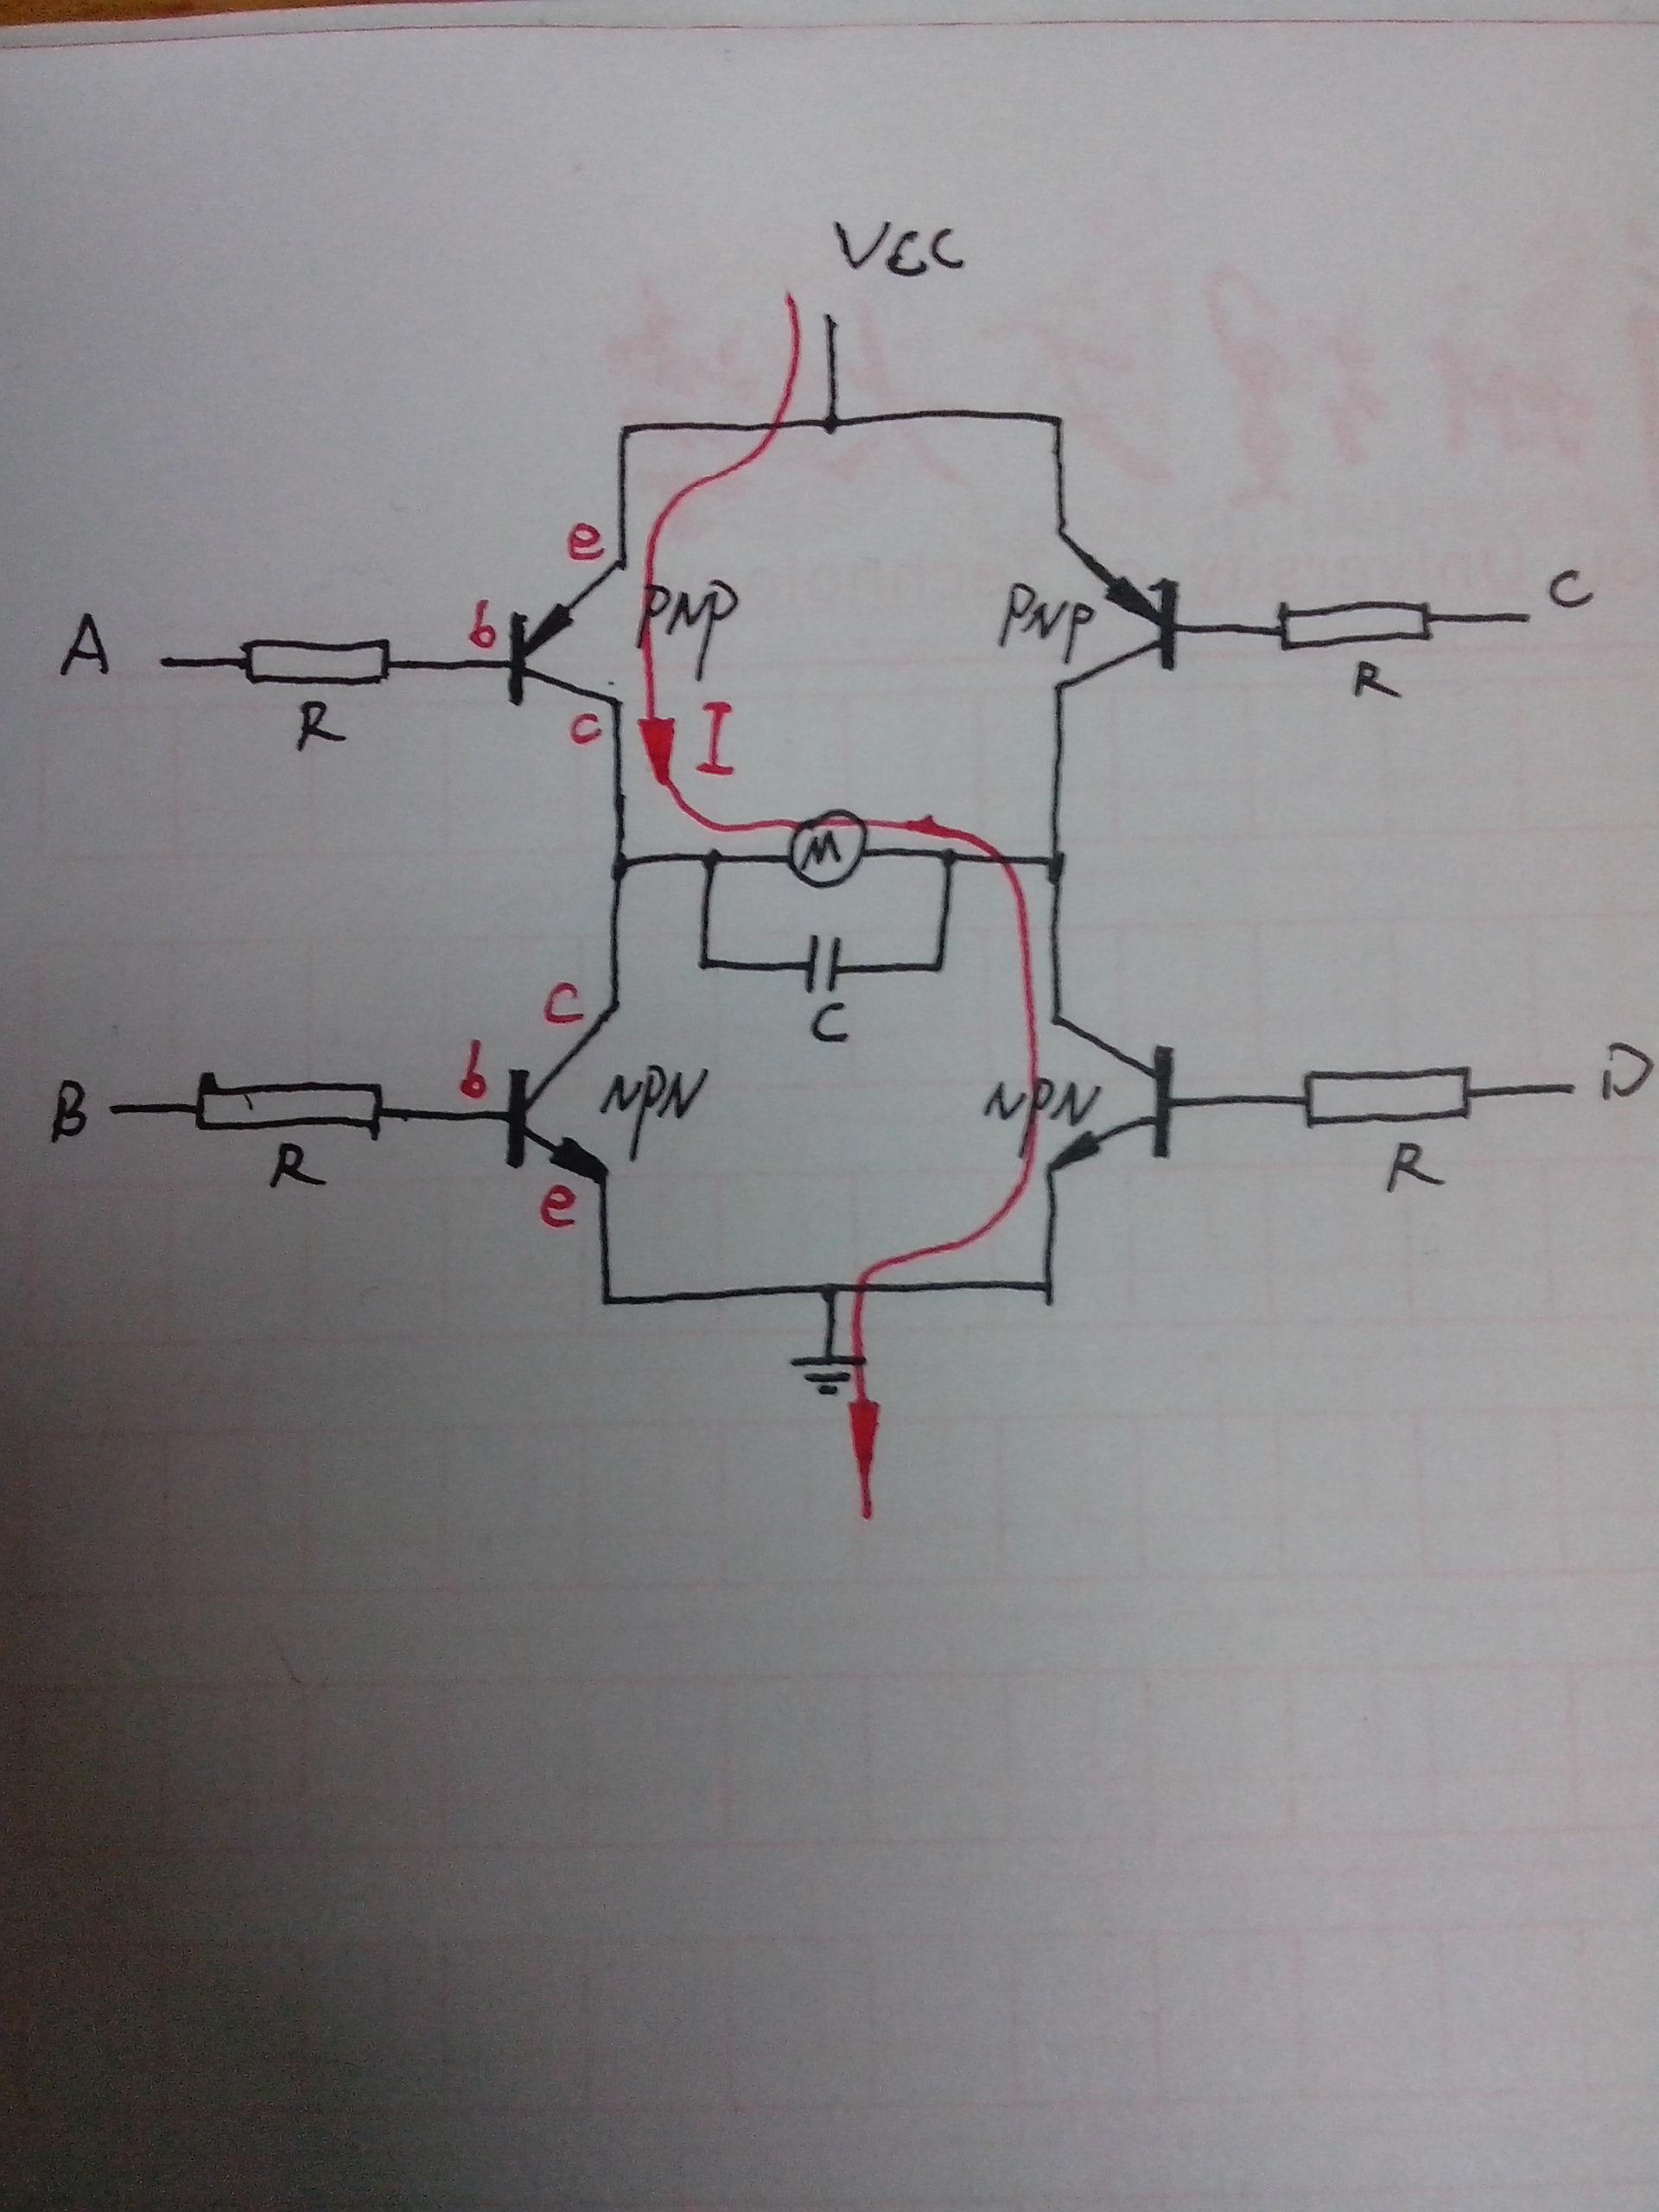 左上pnp和右下npn三极管导